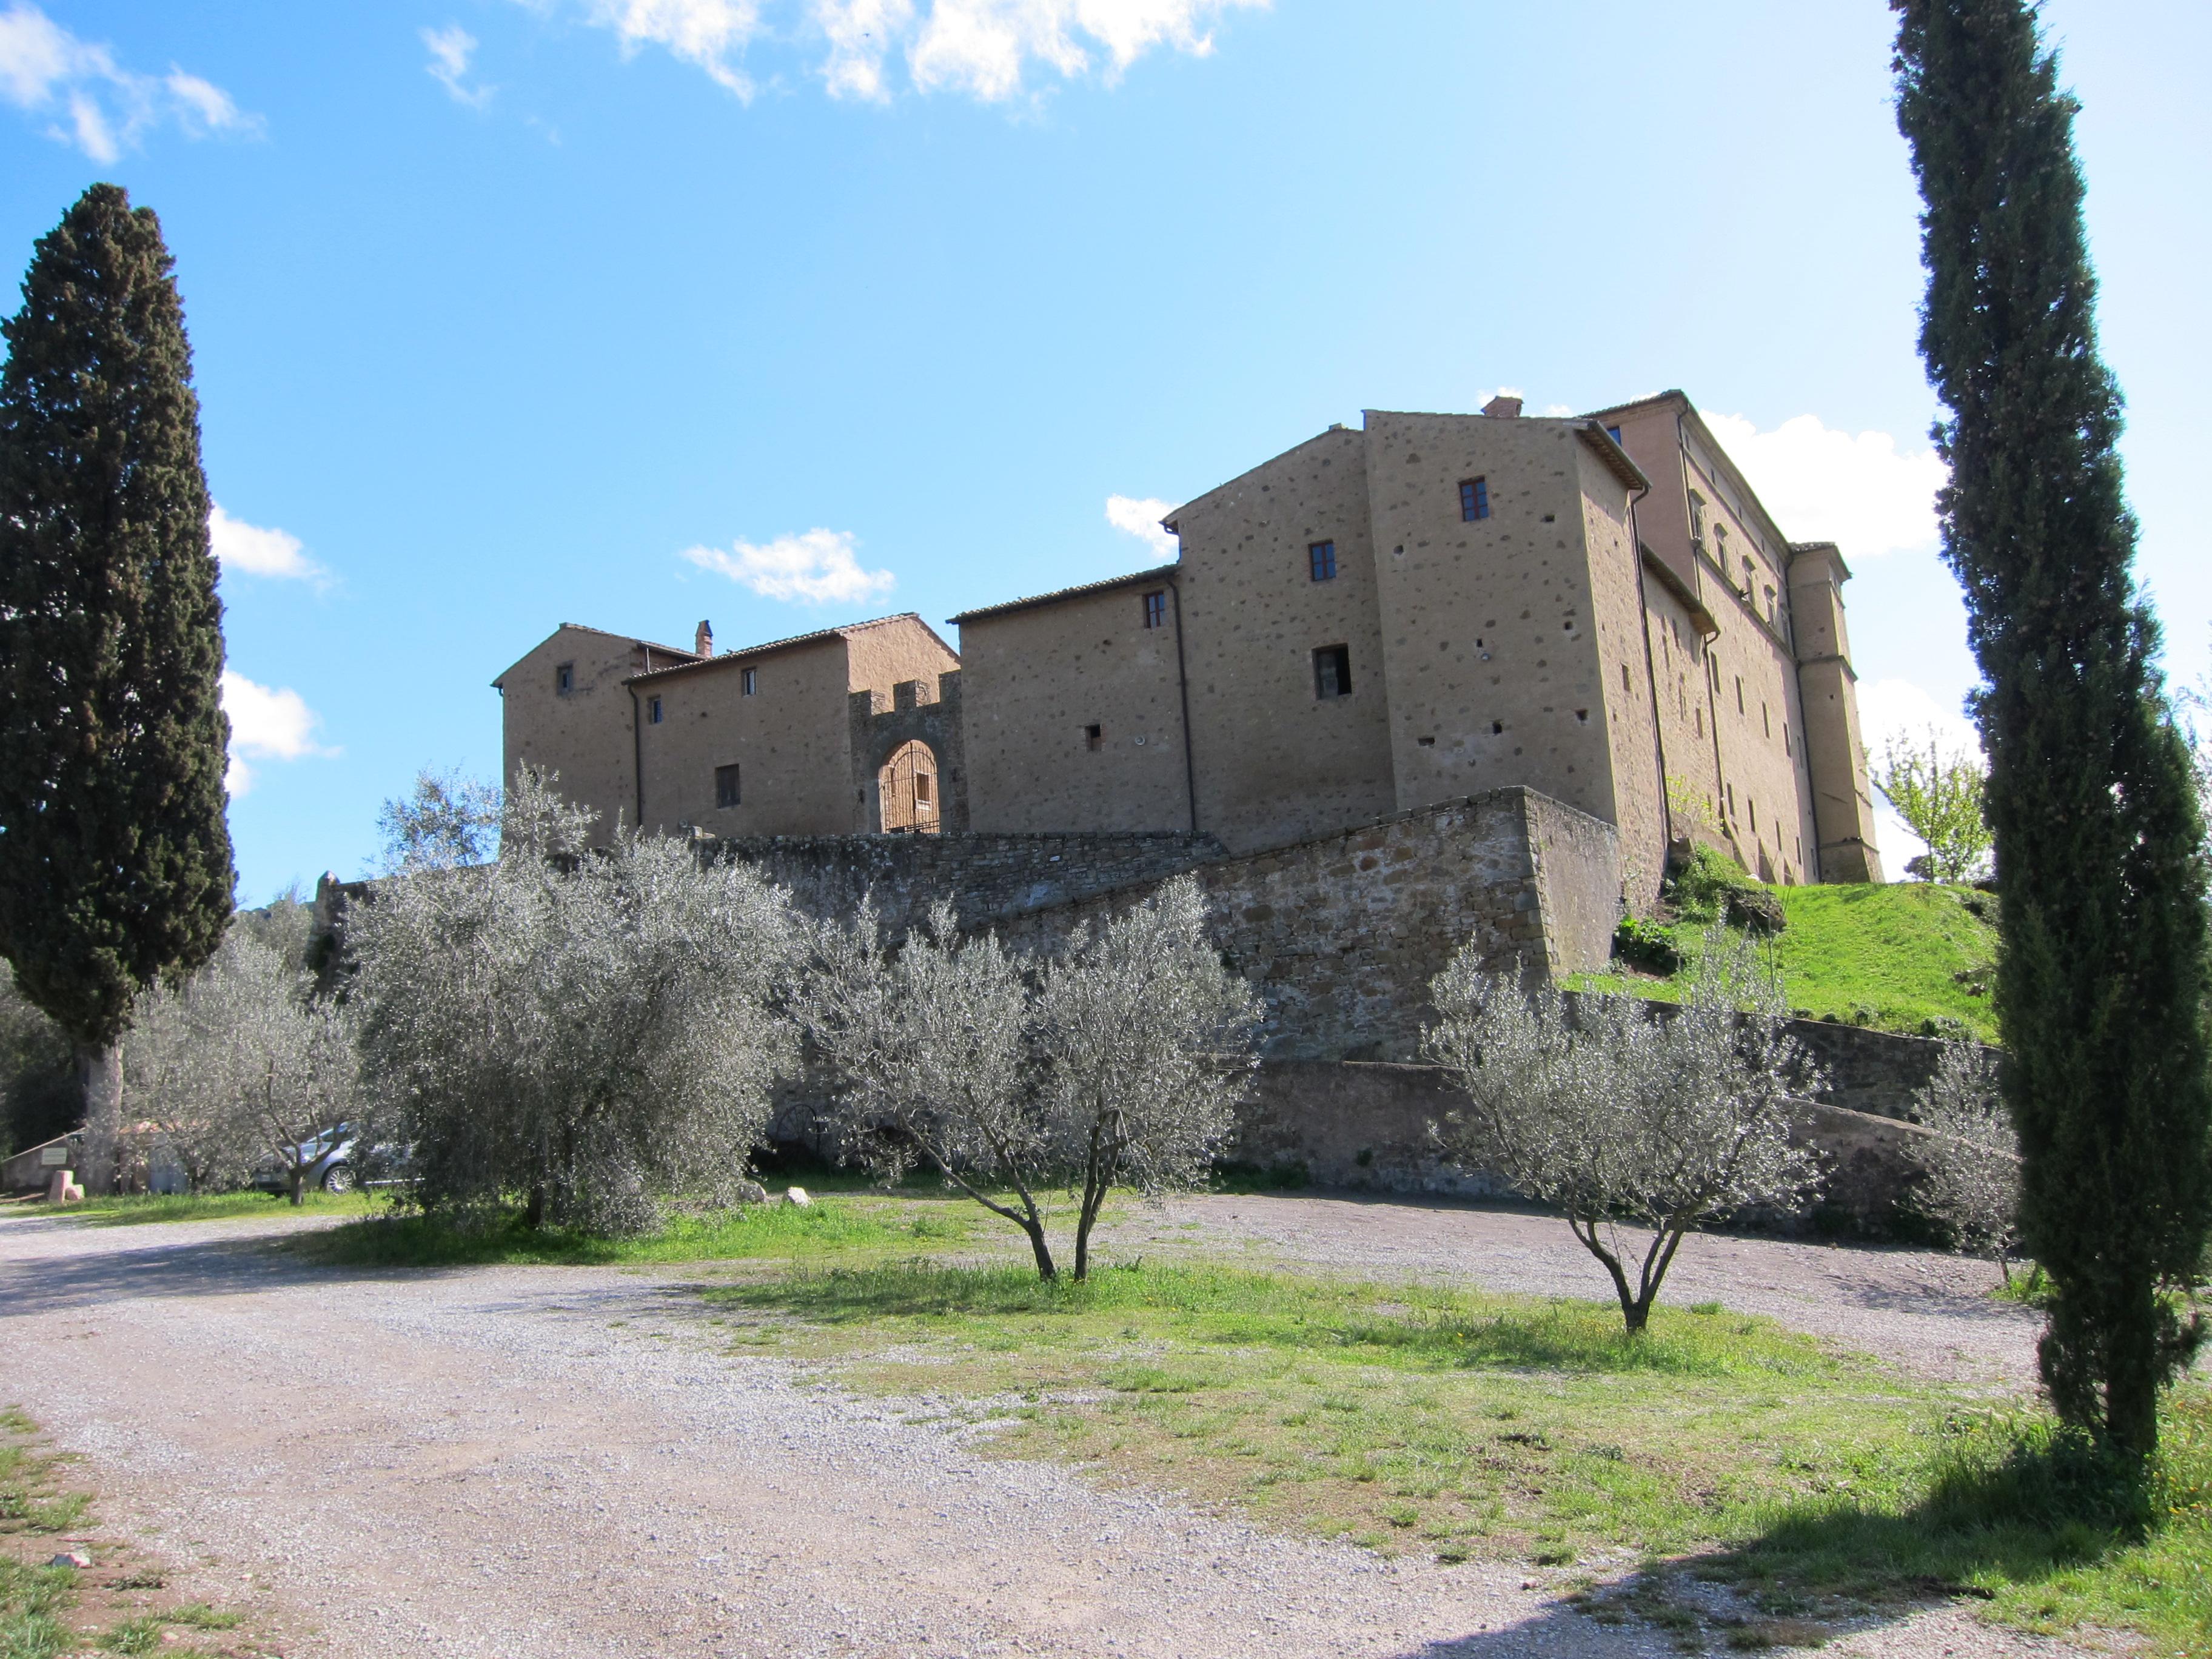 Charlotte Horton's Castello di Potentino, Seggiano